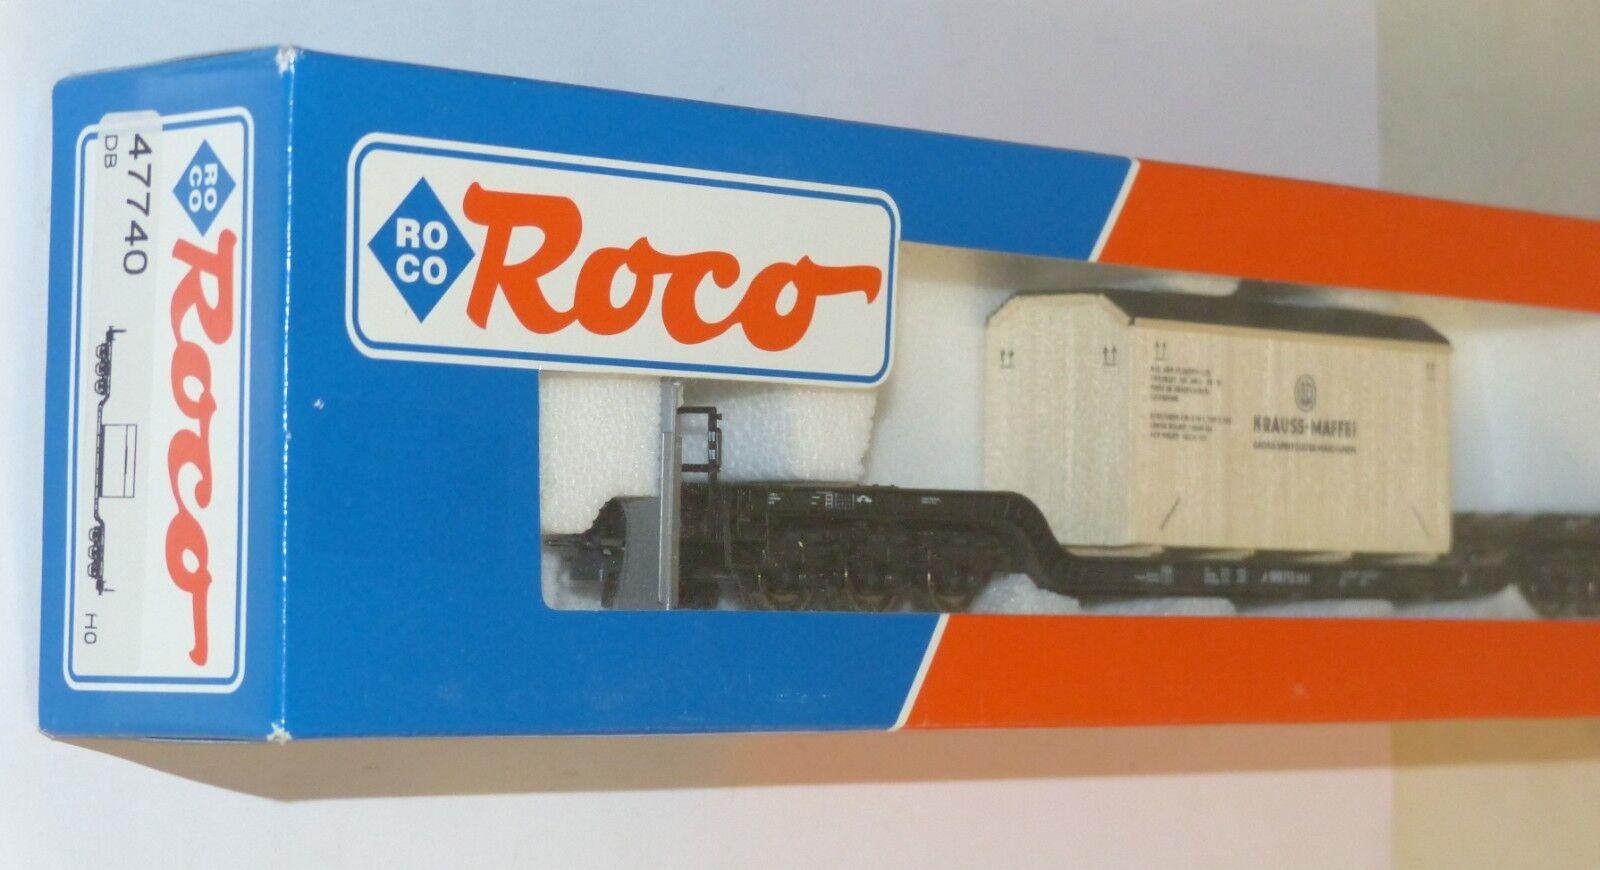 Roco 47740 47740 47740 Tiefladewagen mit Holzkiste Krauss Maffei DB H0 1 87 OVP TOP wie neu 568e97